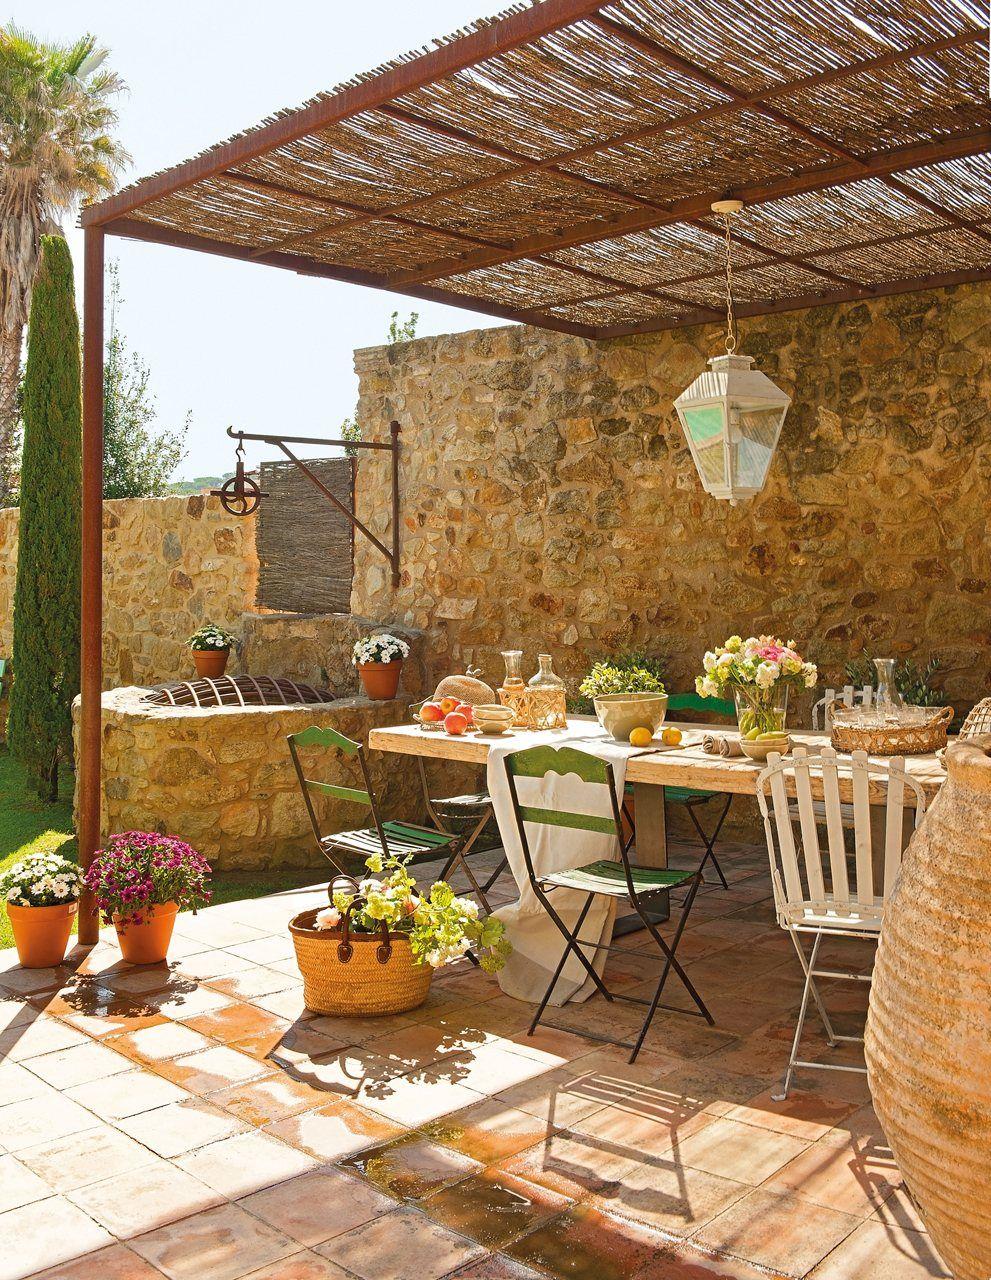 Una Casa De Vacaciones Perfecta Outdoor Spaces Pinterest